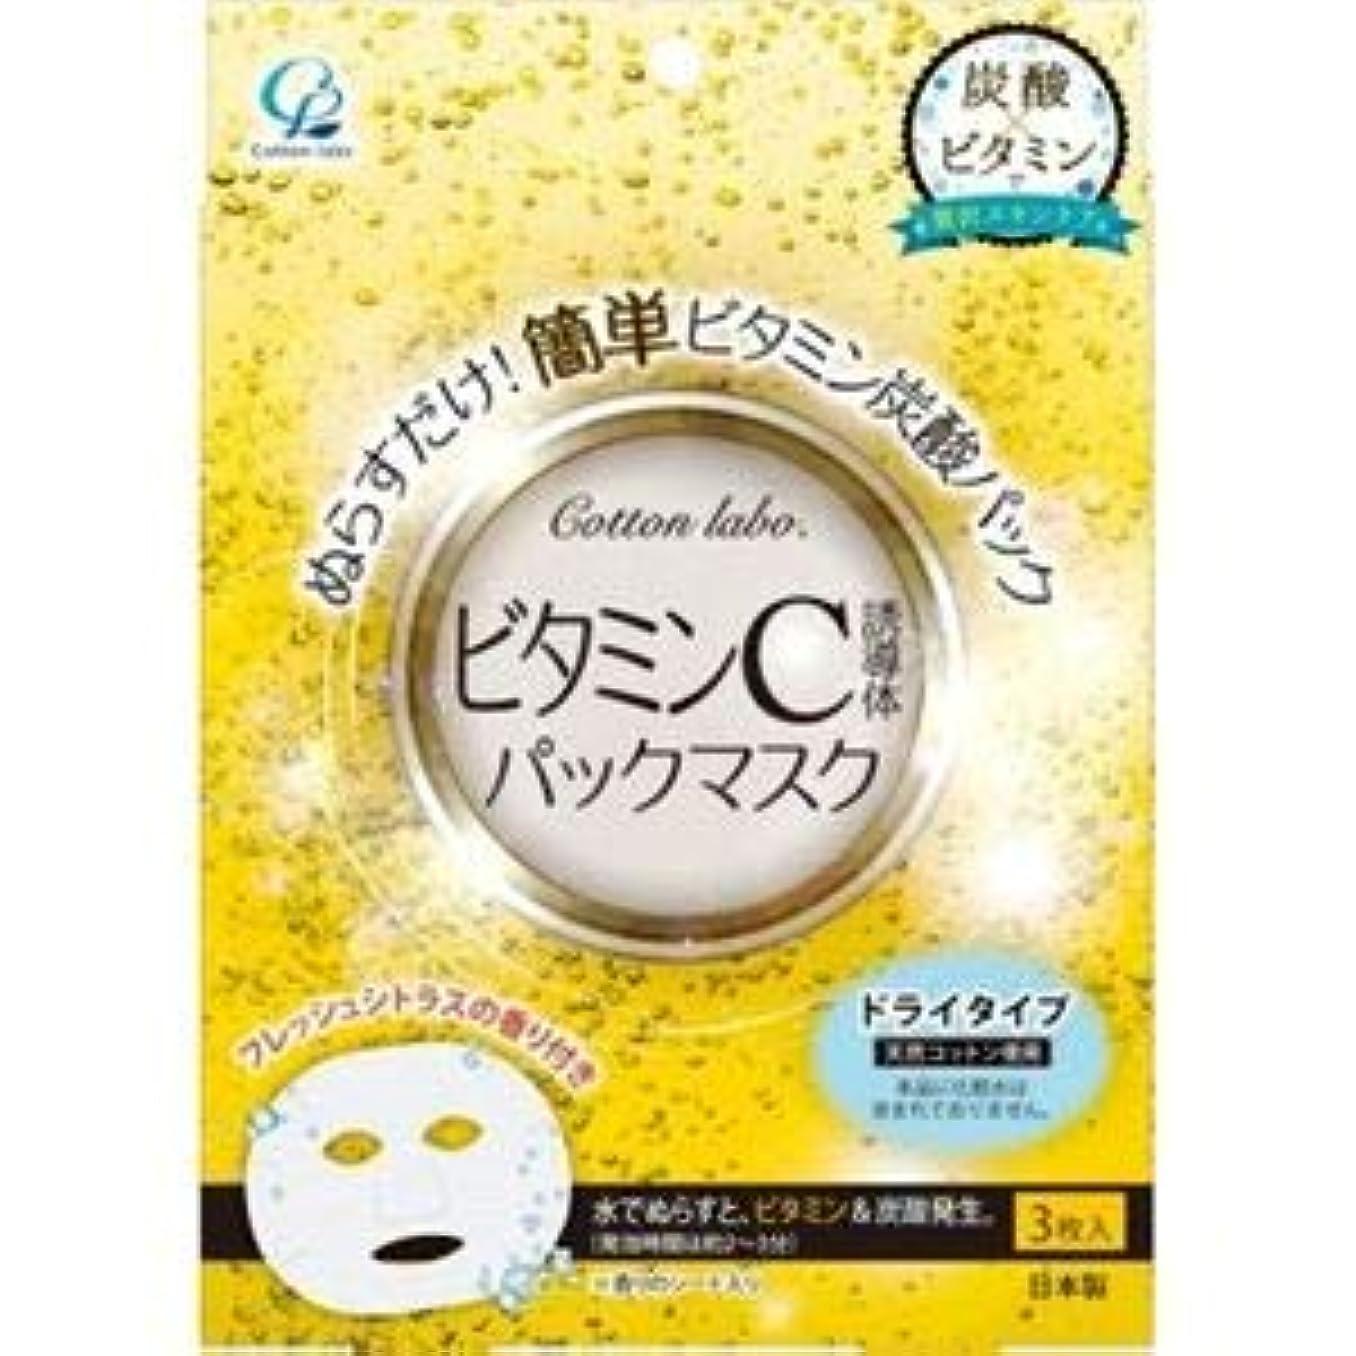 知覚できる物語スラム(まとめ)コットンラボ ビタミンパックマスク3枚 【×5点セット】